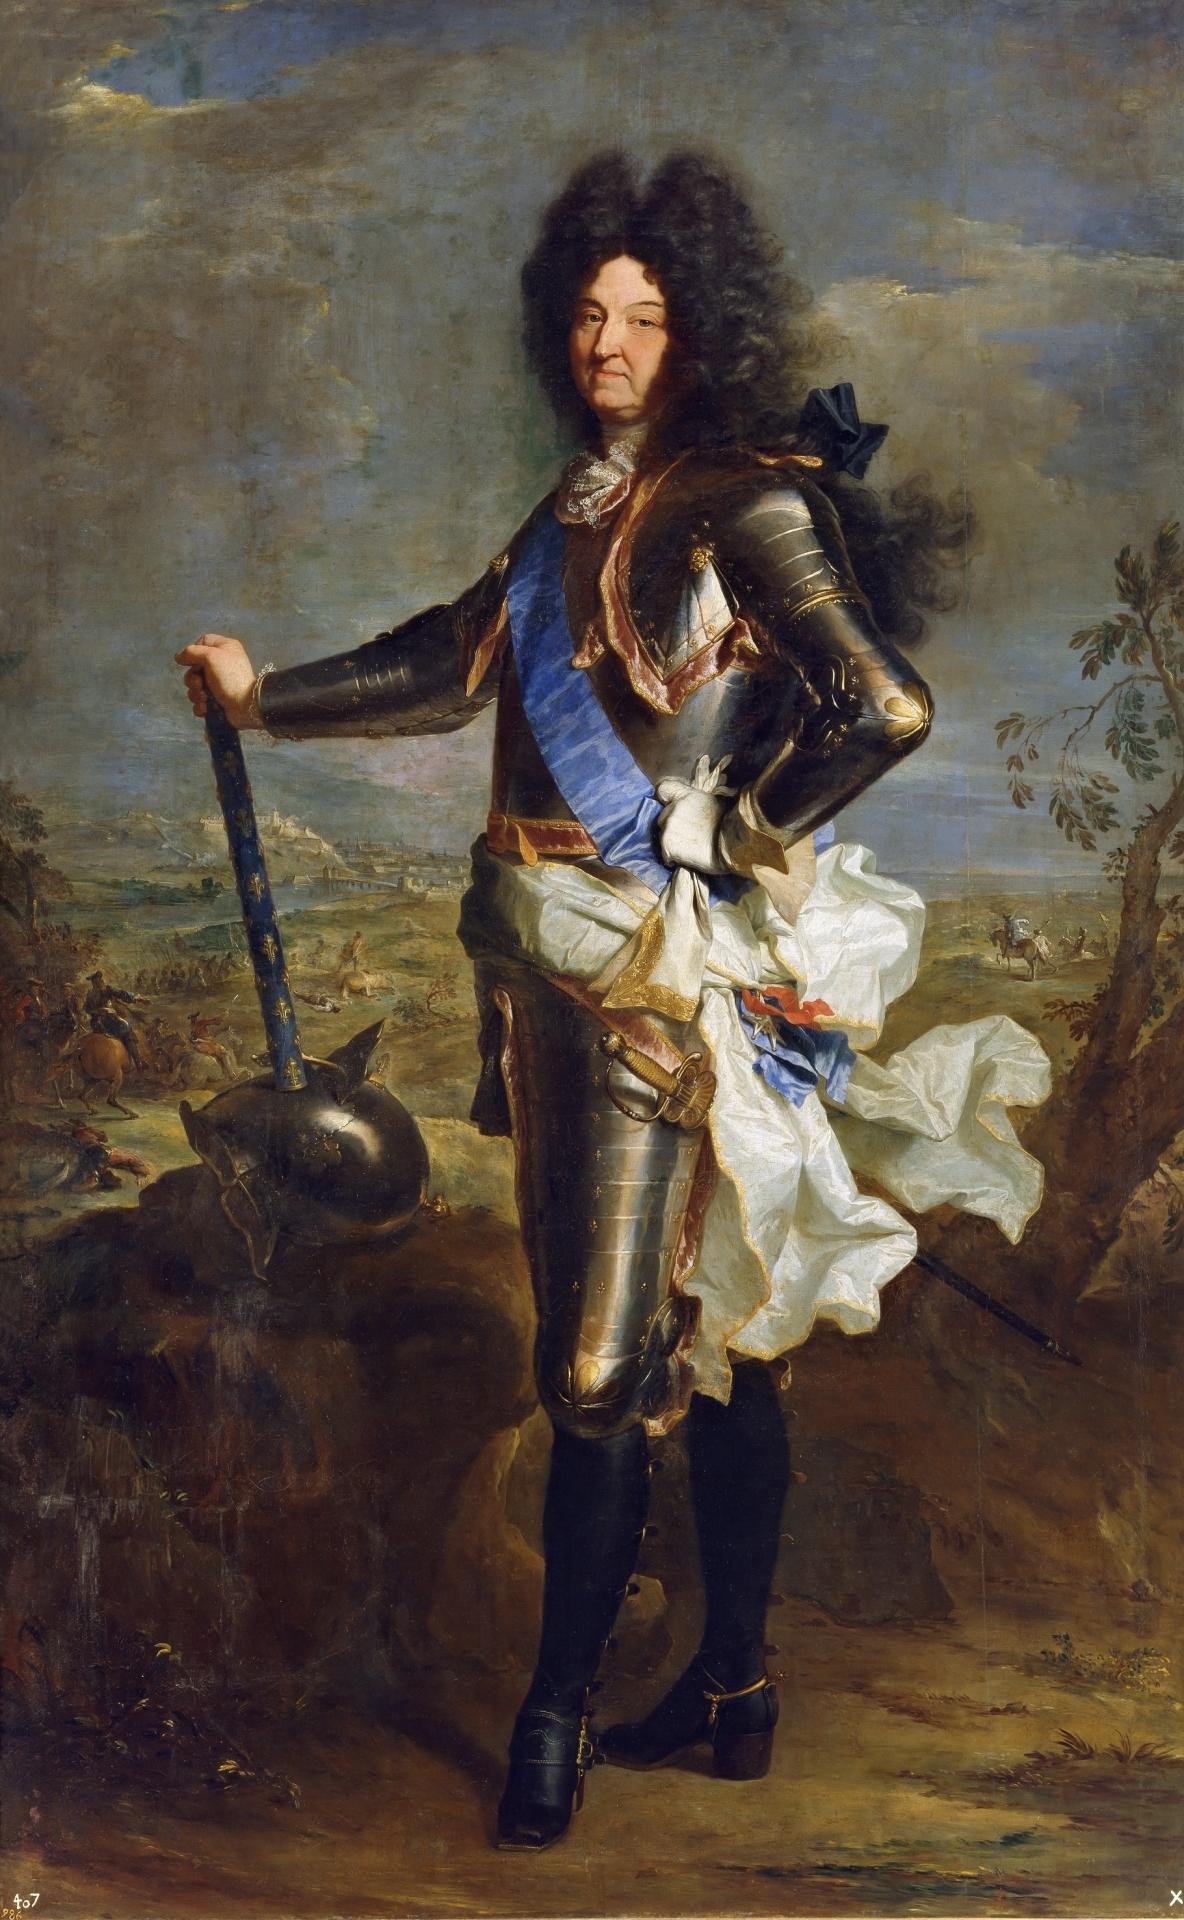 cbe77bec647 Louis XIV of France - The Collection - Museo Nacional del Prado